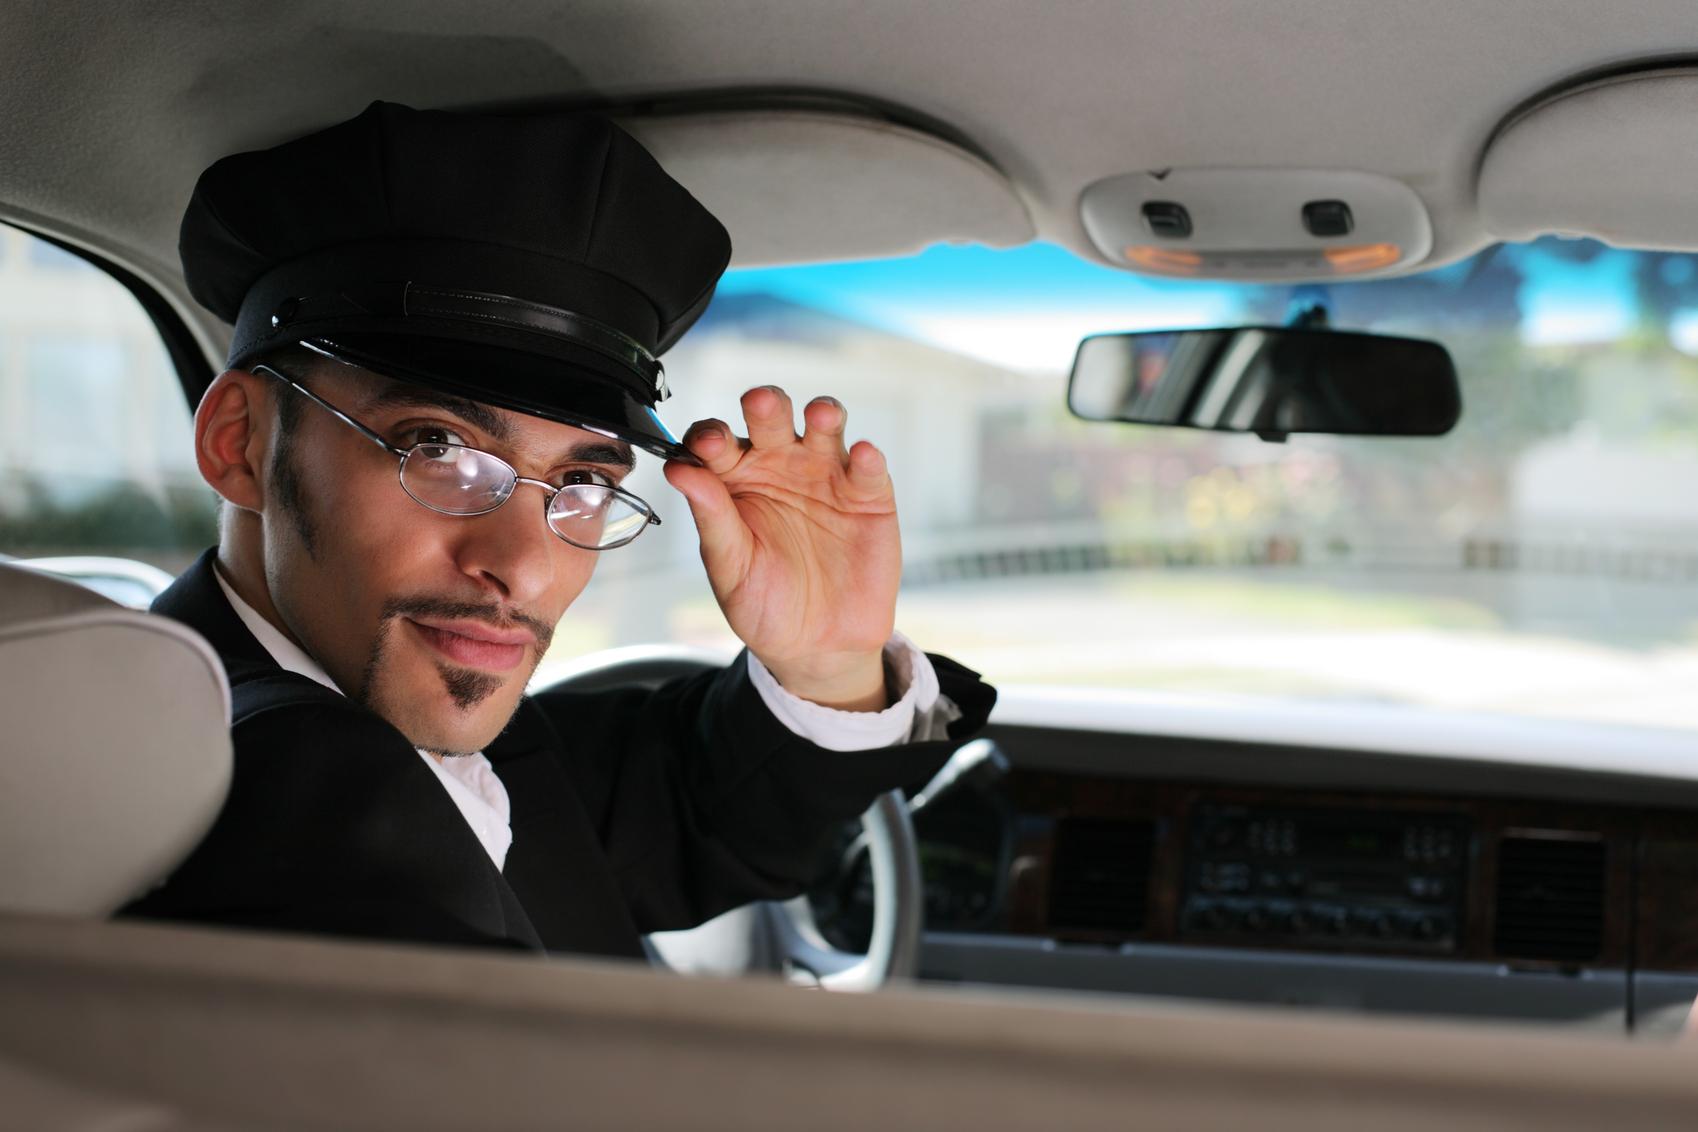 С таксистом у машине 23 фотография